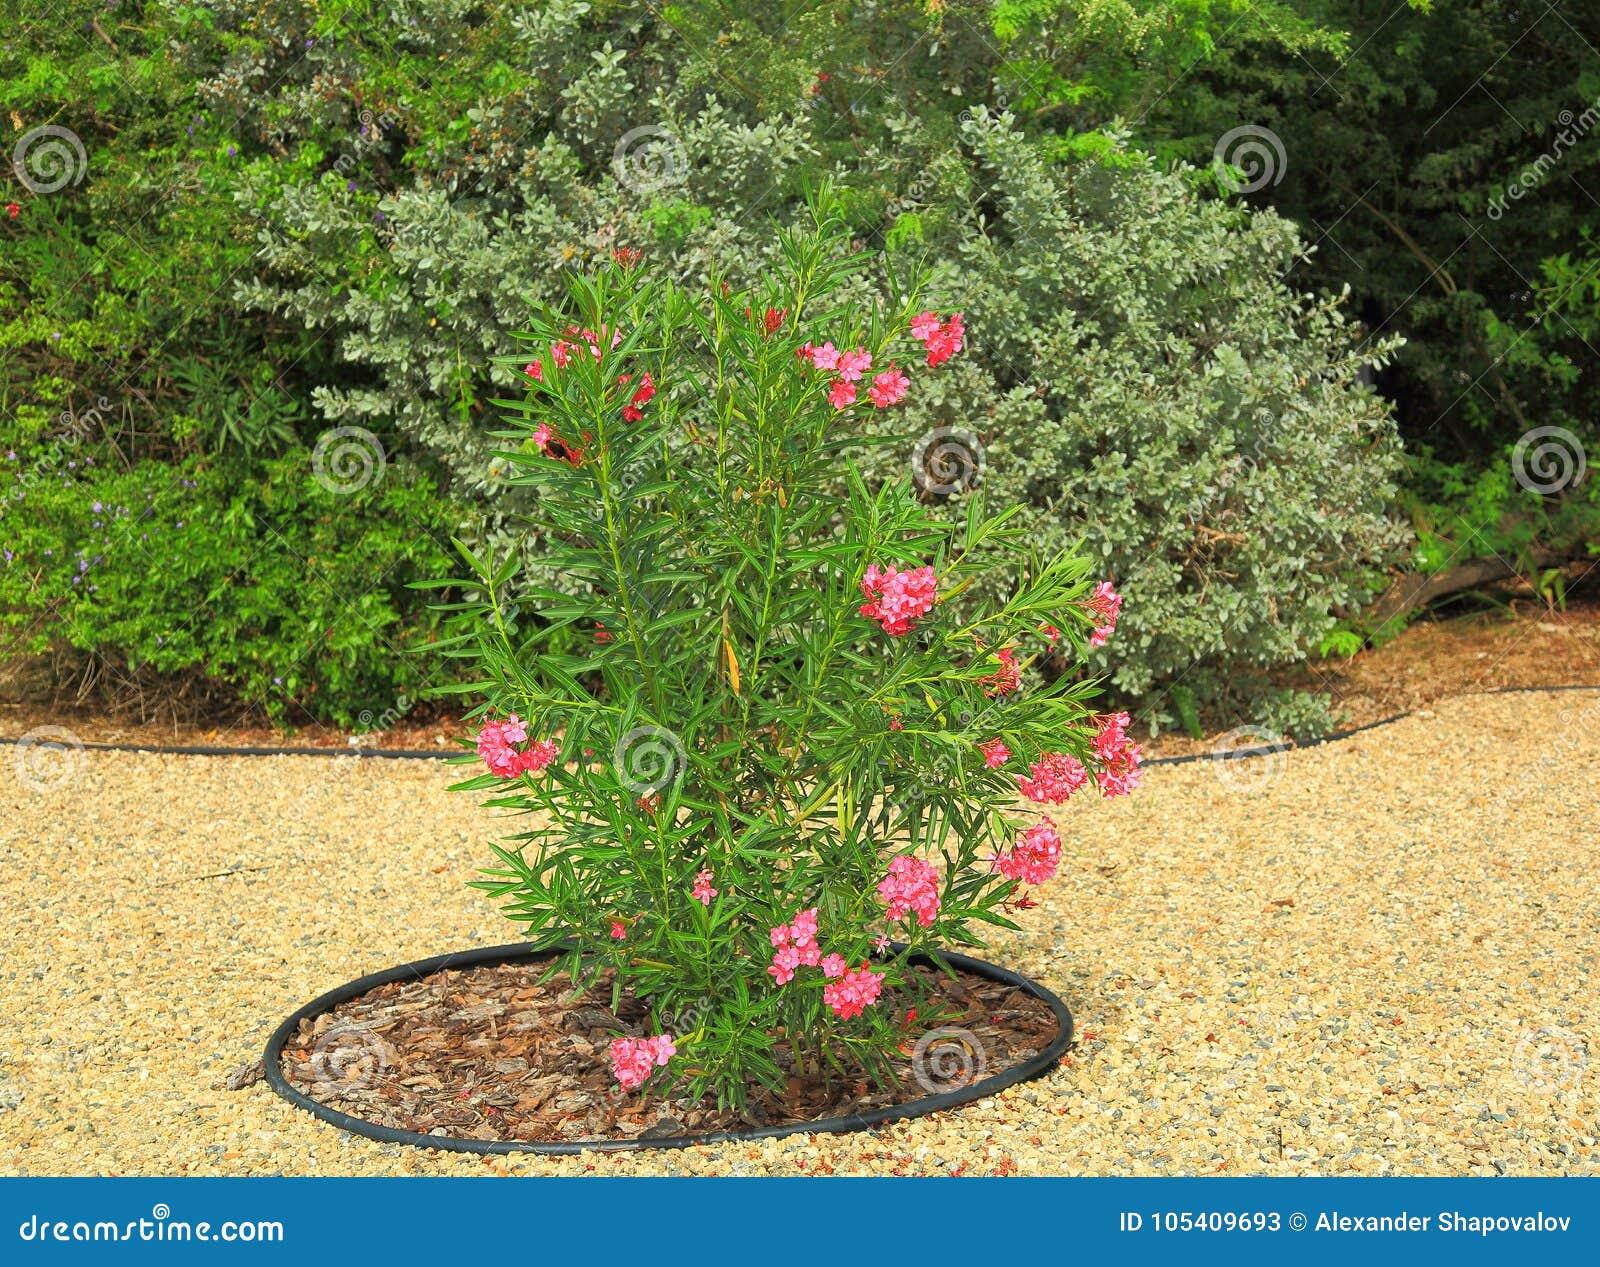 Pianta Fiori Rosa.Pianta Verde Adorabile Con I Fiori Rosa Progettazione Piacevole